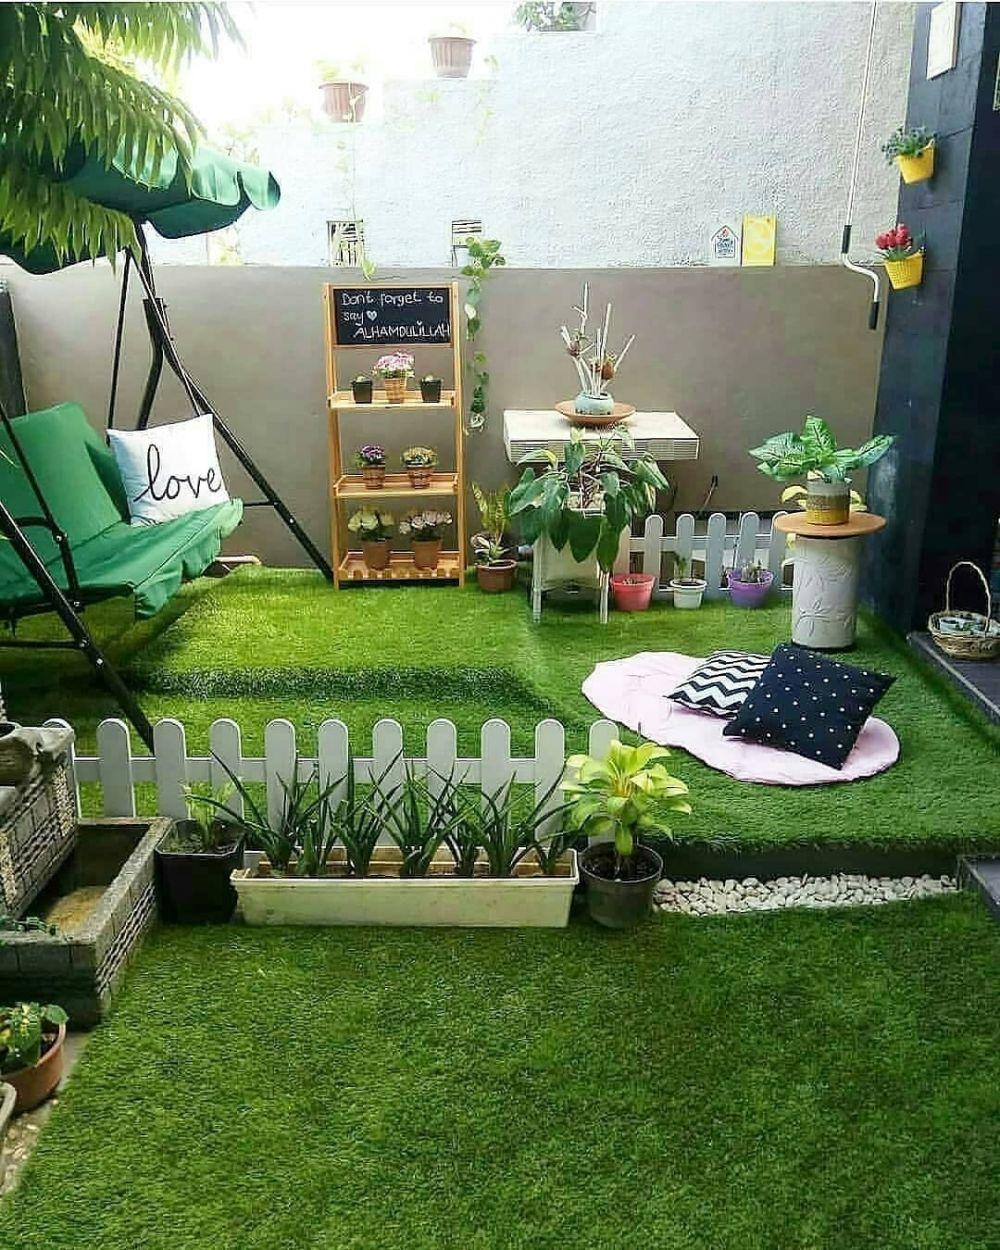 15 Desain Taman Untuk Rumah Minimalis, Bikin Makin Kece Dan Asri